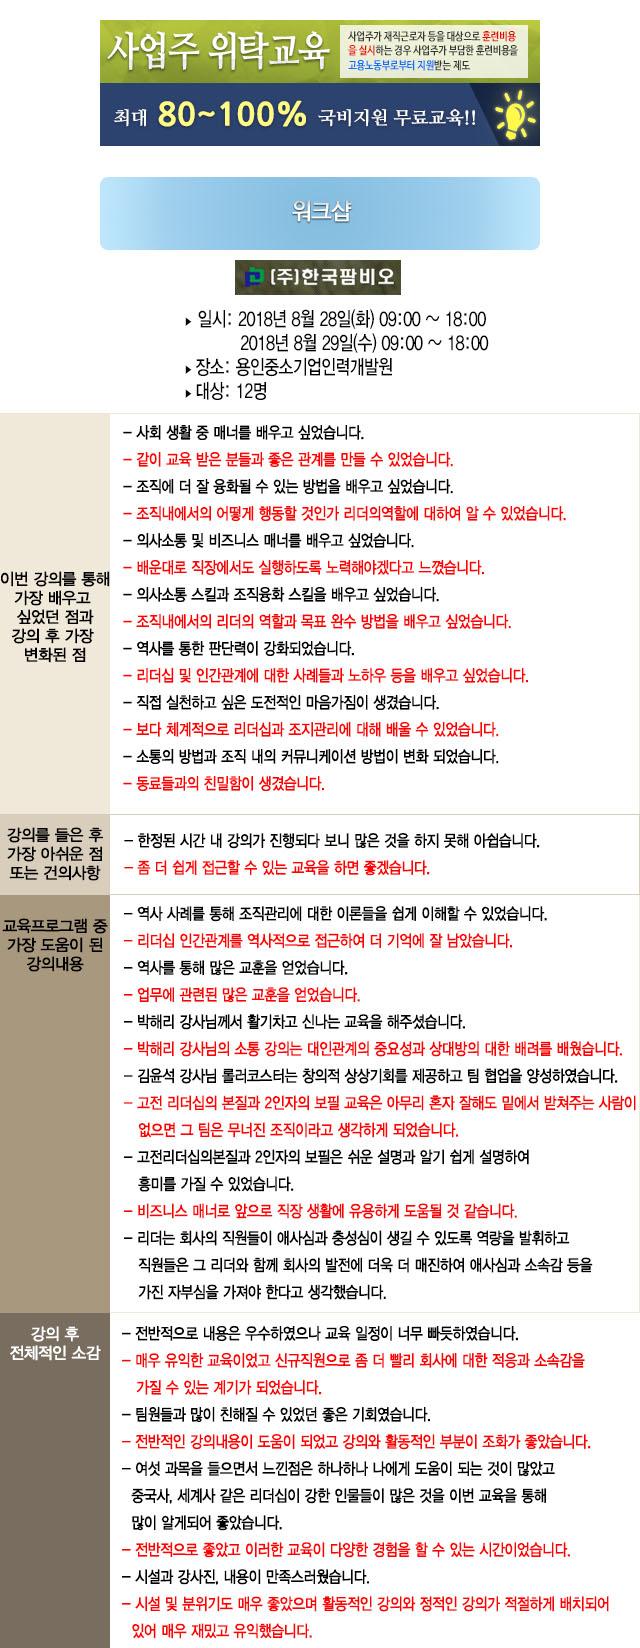 한국중앙인재개발원 후기 한국팜비오.jpg